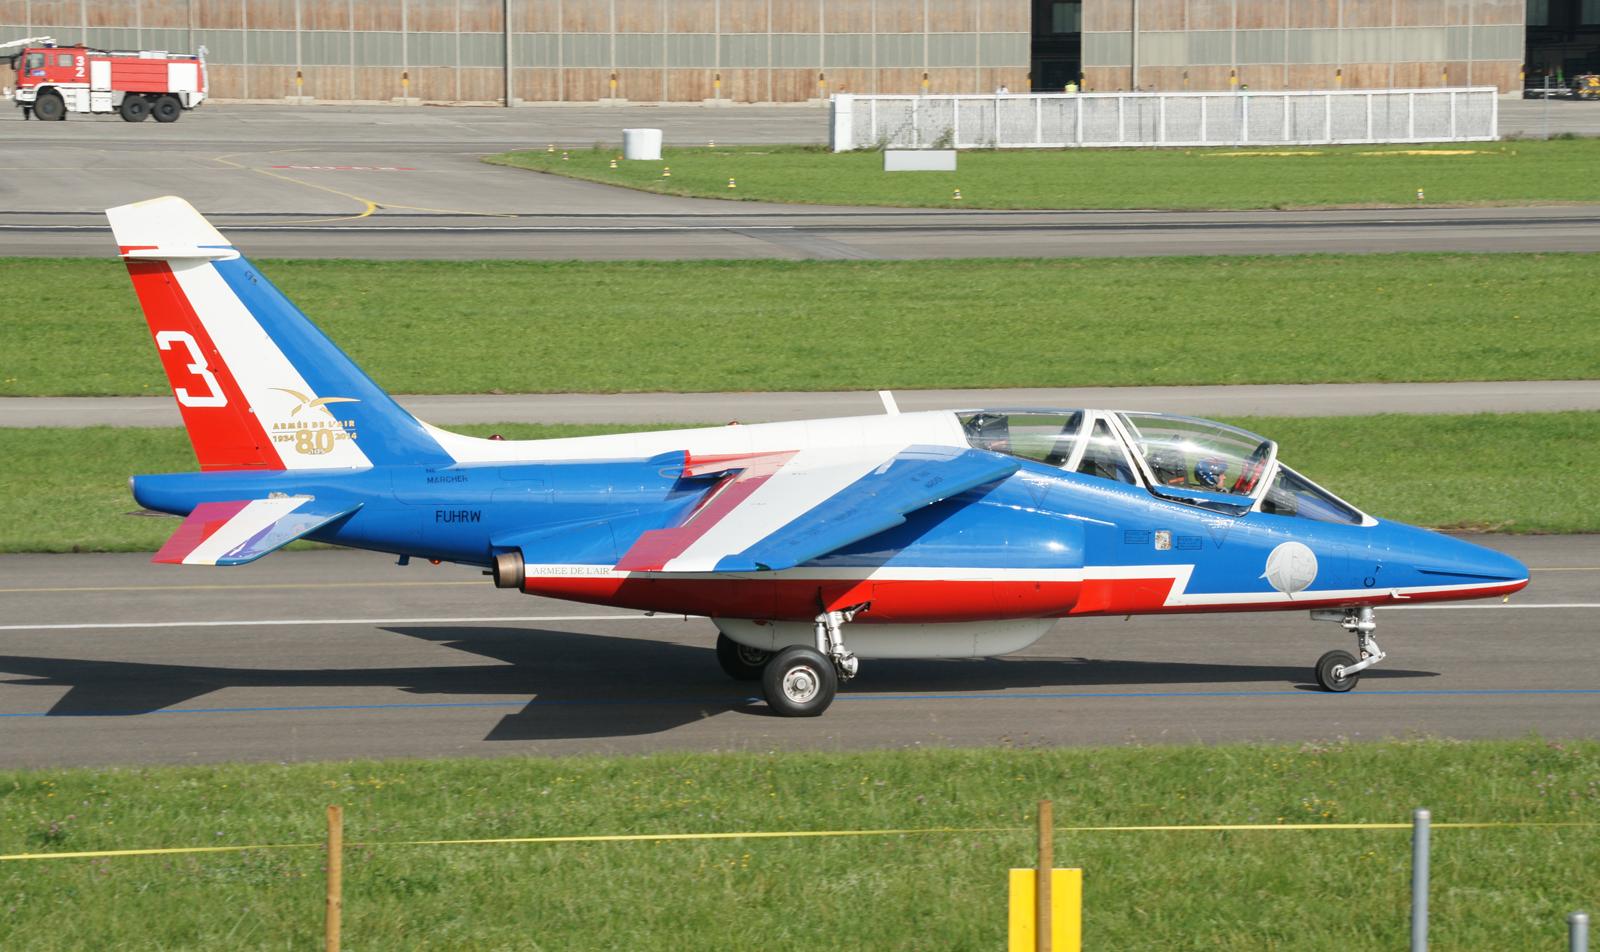 Dassault Dornier Alpha Jet E F-UHRW/E166/3 Patrouille de France